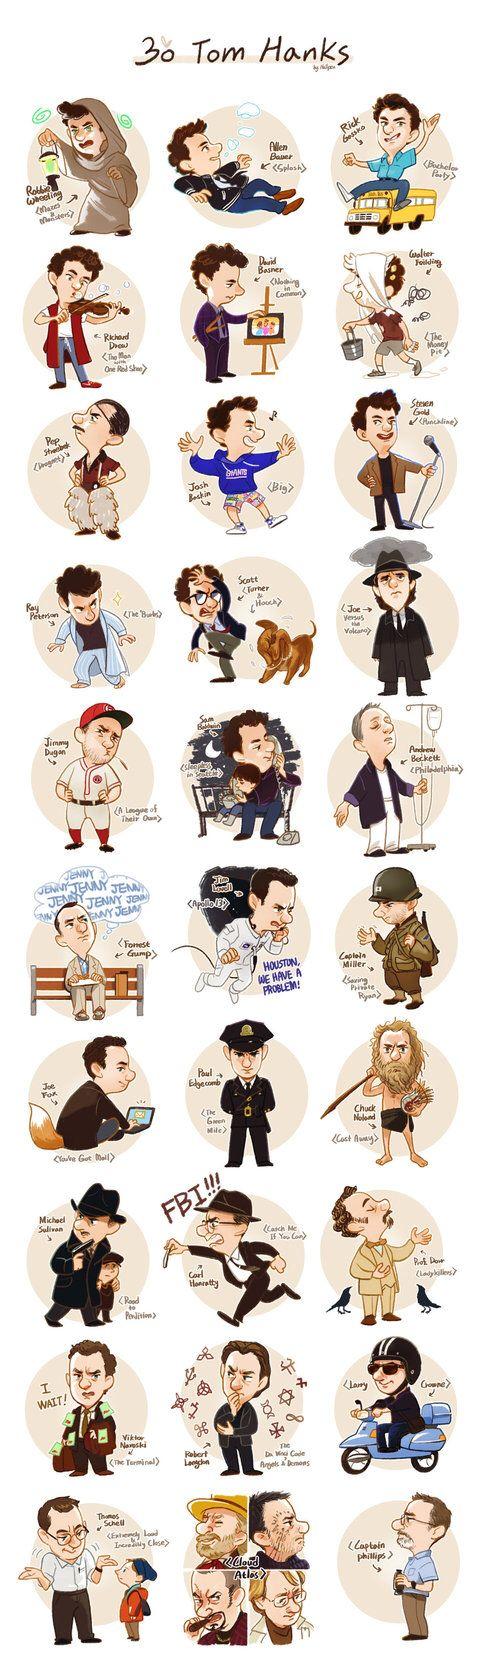 30 Tom Hanks ❤️